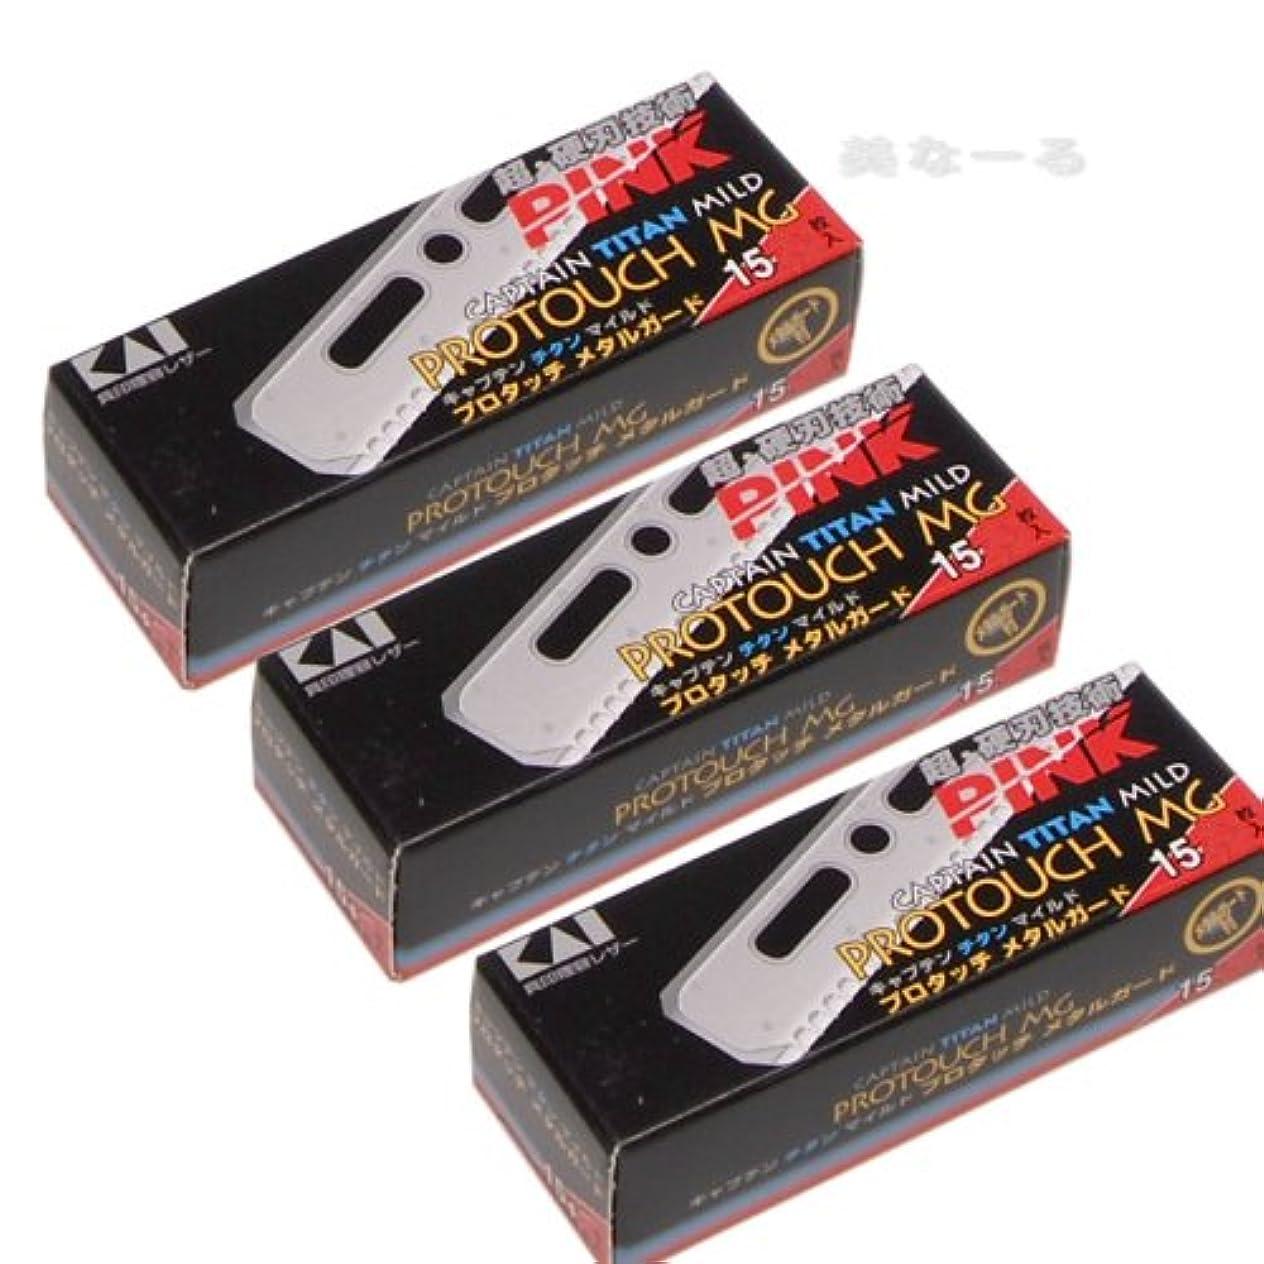 酒バルーン援助カイキャプテン チタンマイルド プロタッチメタルガード替刃 15枚入り×3個